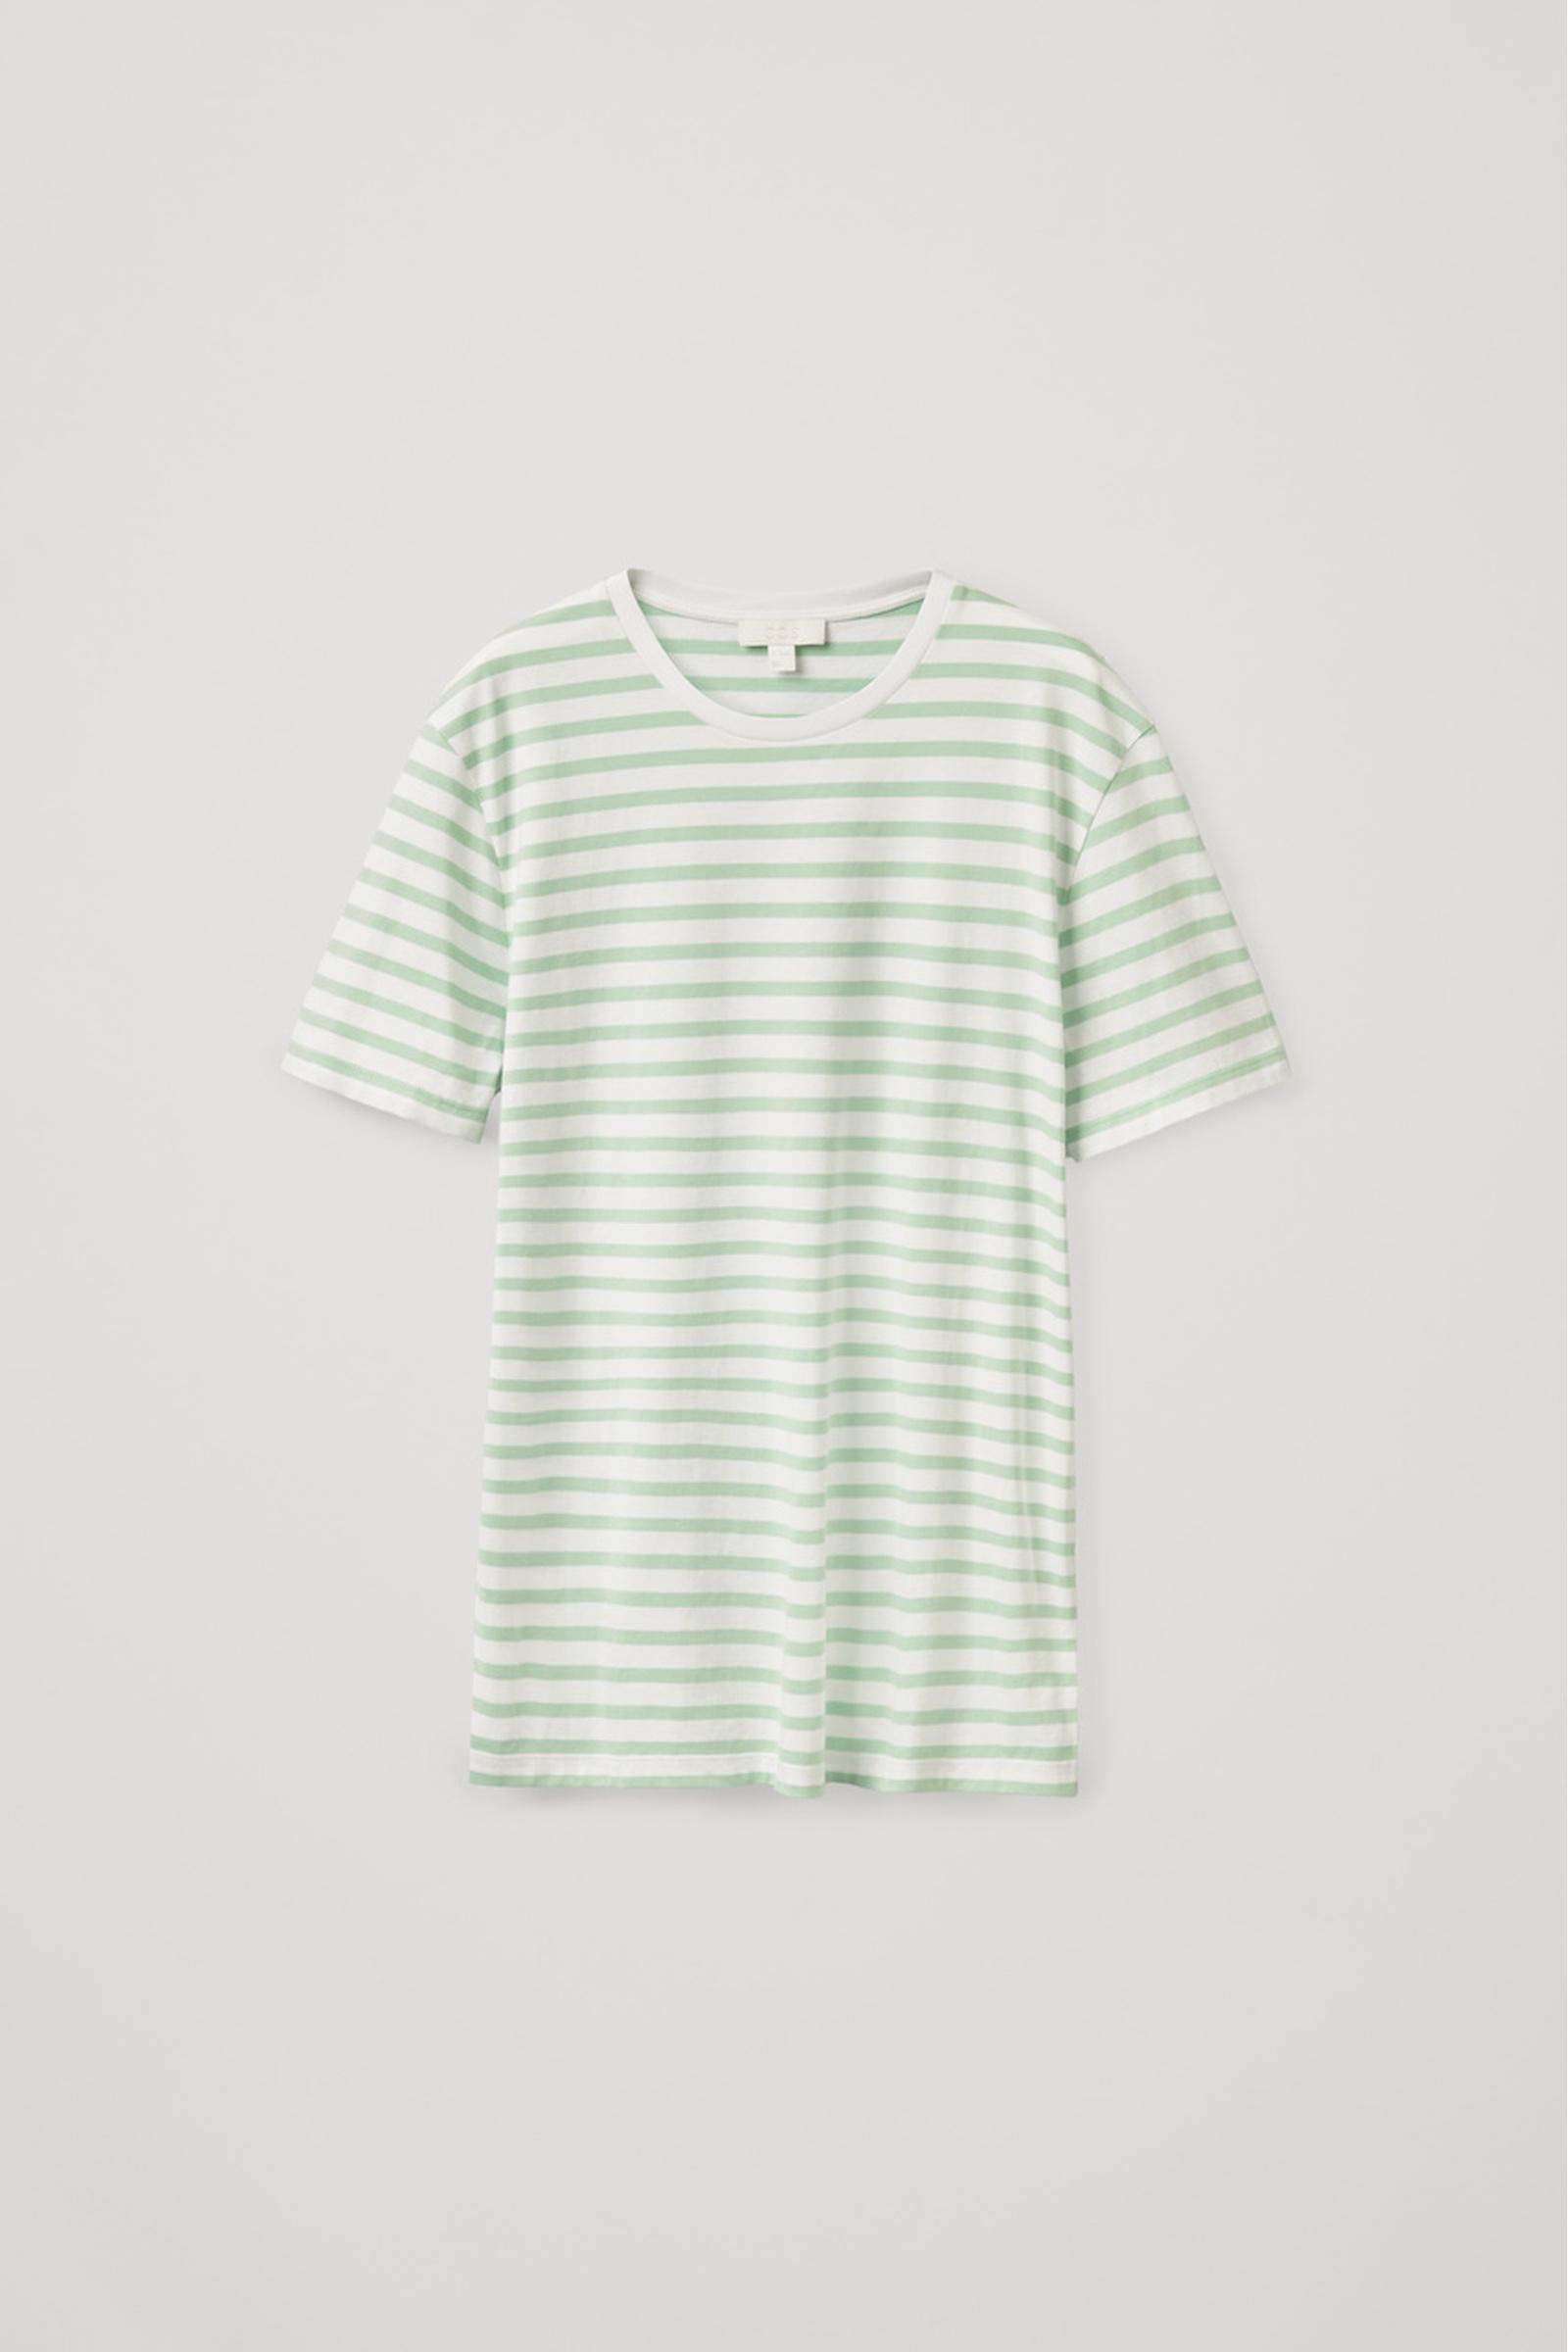 COS 레귤러 핏 티셔츠의 그린컬러 Product입니다.